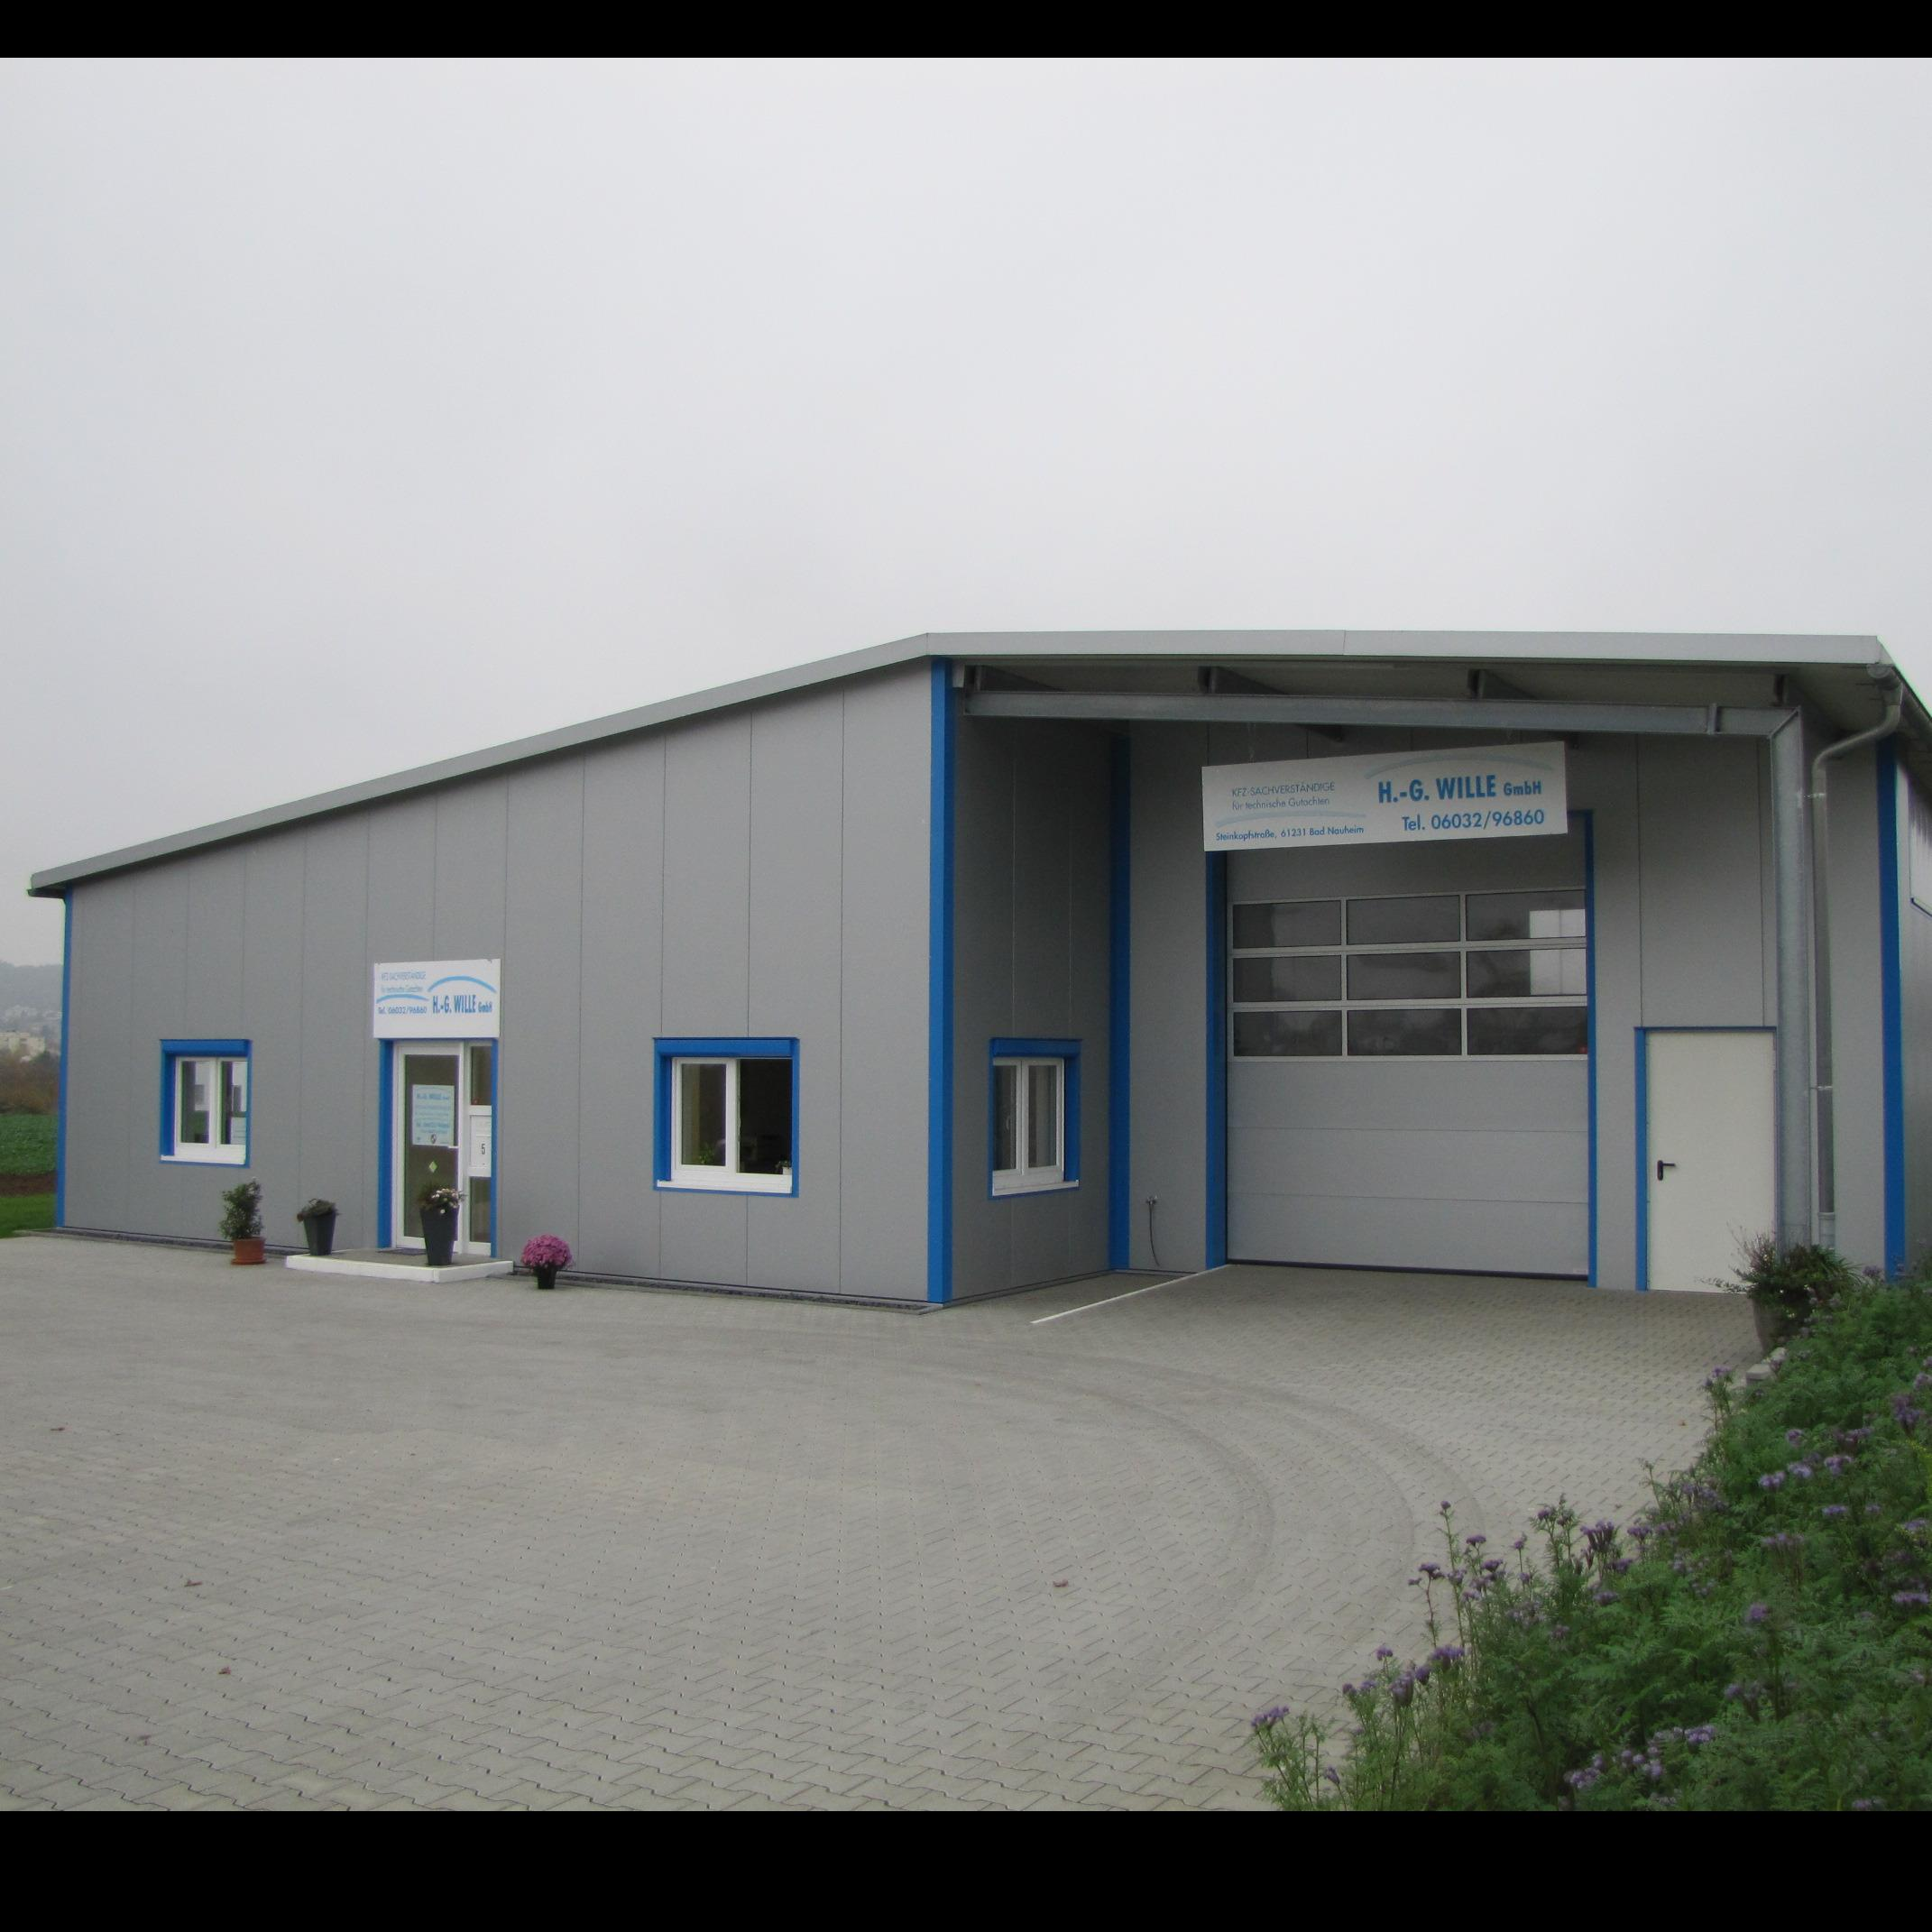 KFZ-Sachverständige H. - G. Wille GmbH